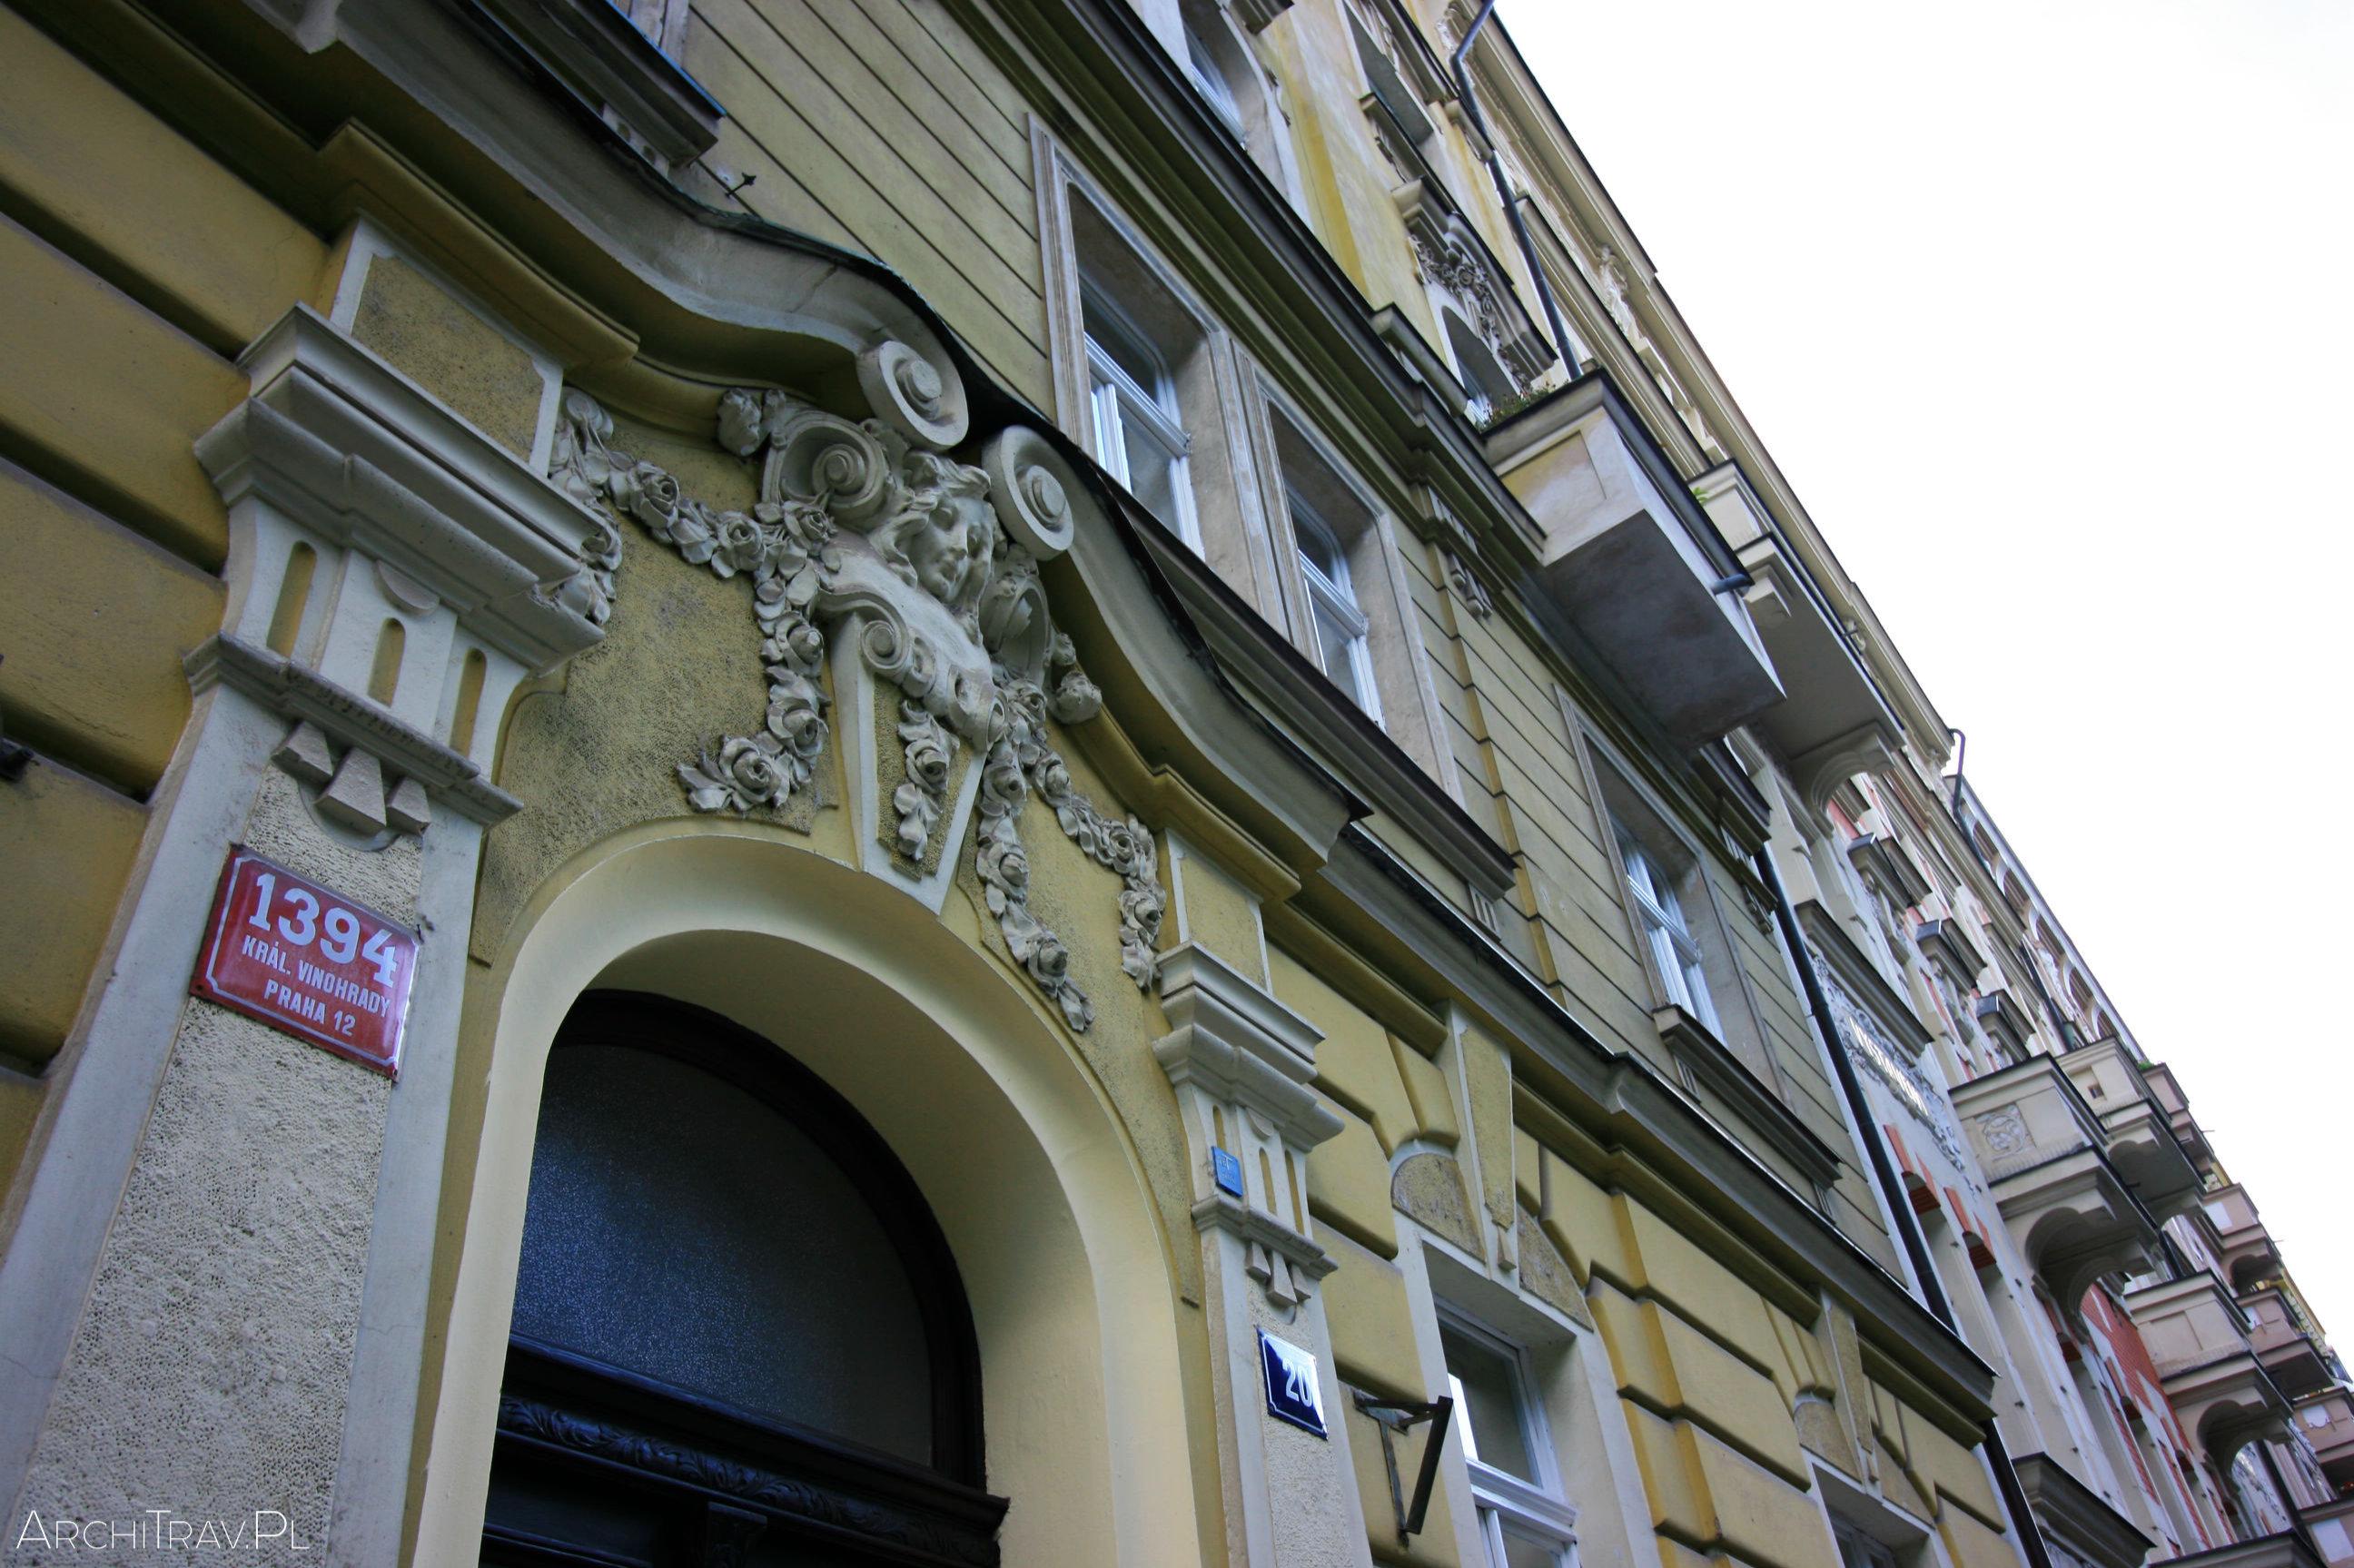 ulica-polska-w-pradze-kral-vinohrady